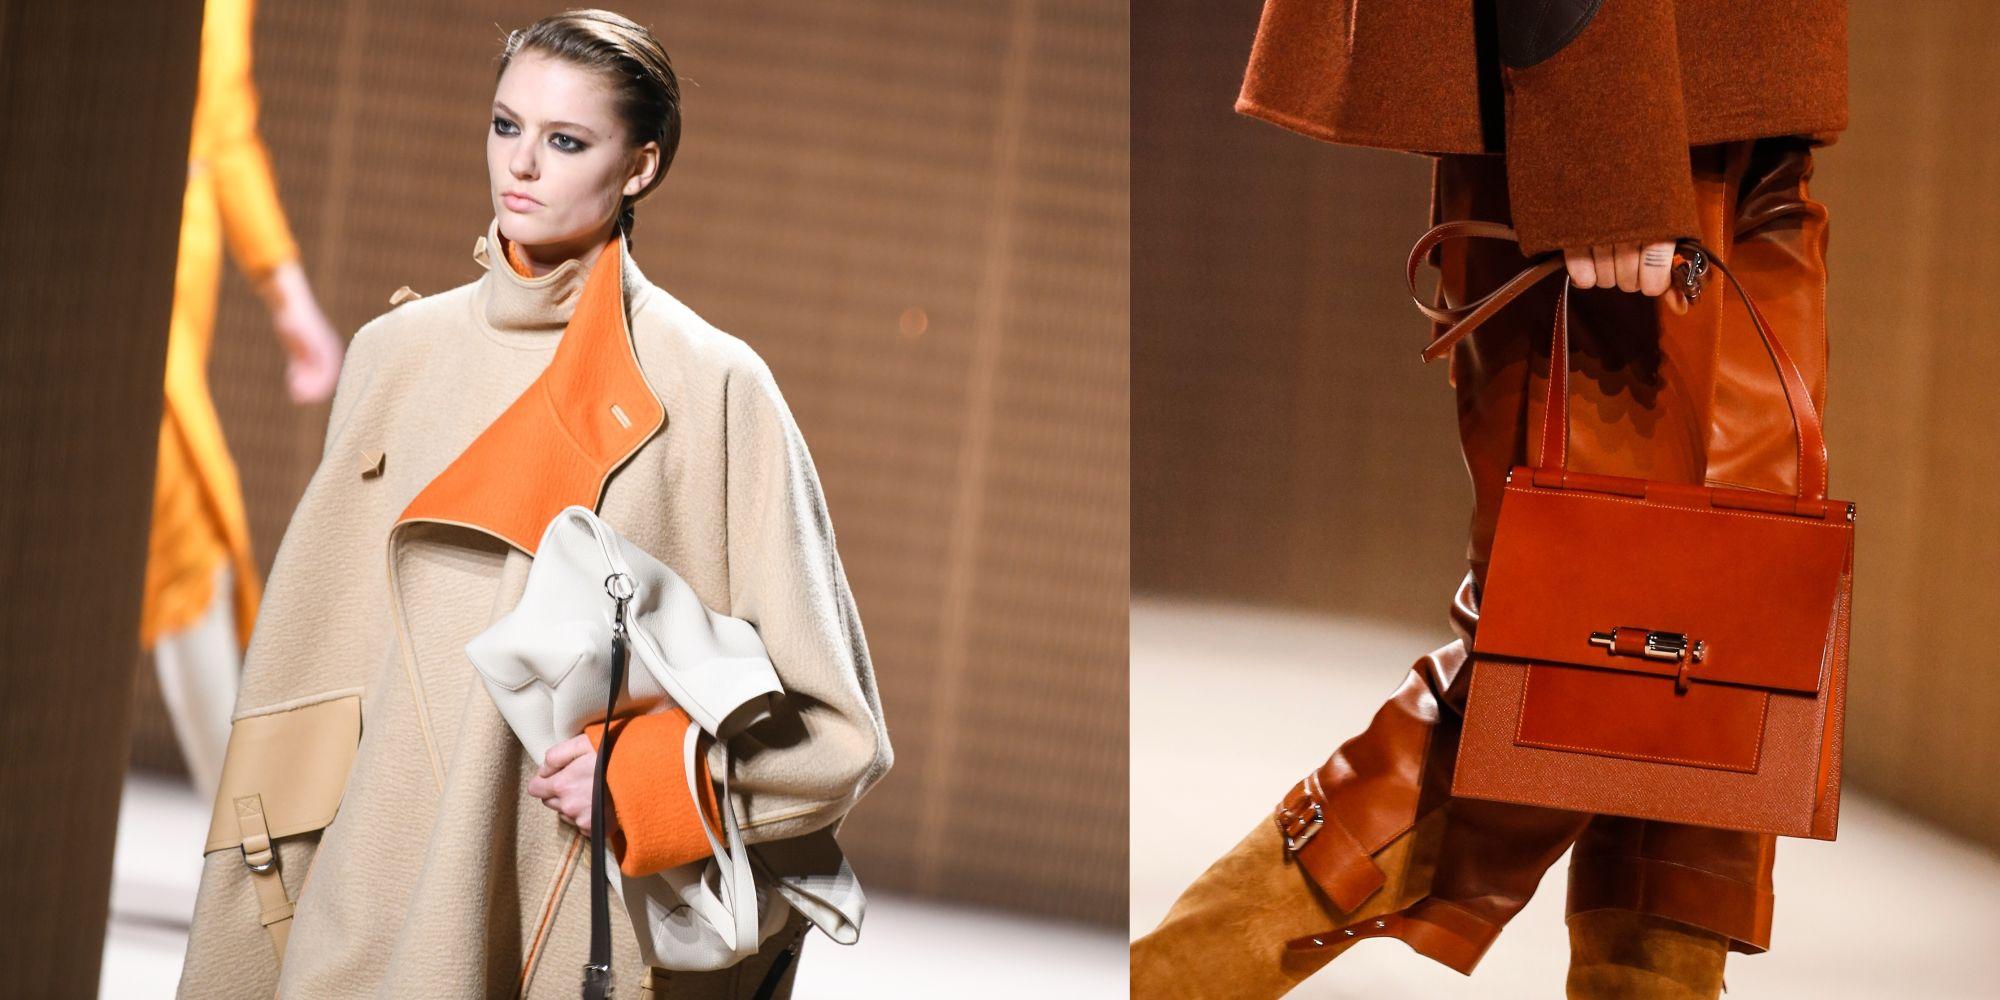 【巴黎時裝週】新一季 Hermès 有迷你包、有星空裝、有麂皮靴... 但巴黎女人最愛的還是它